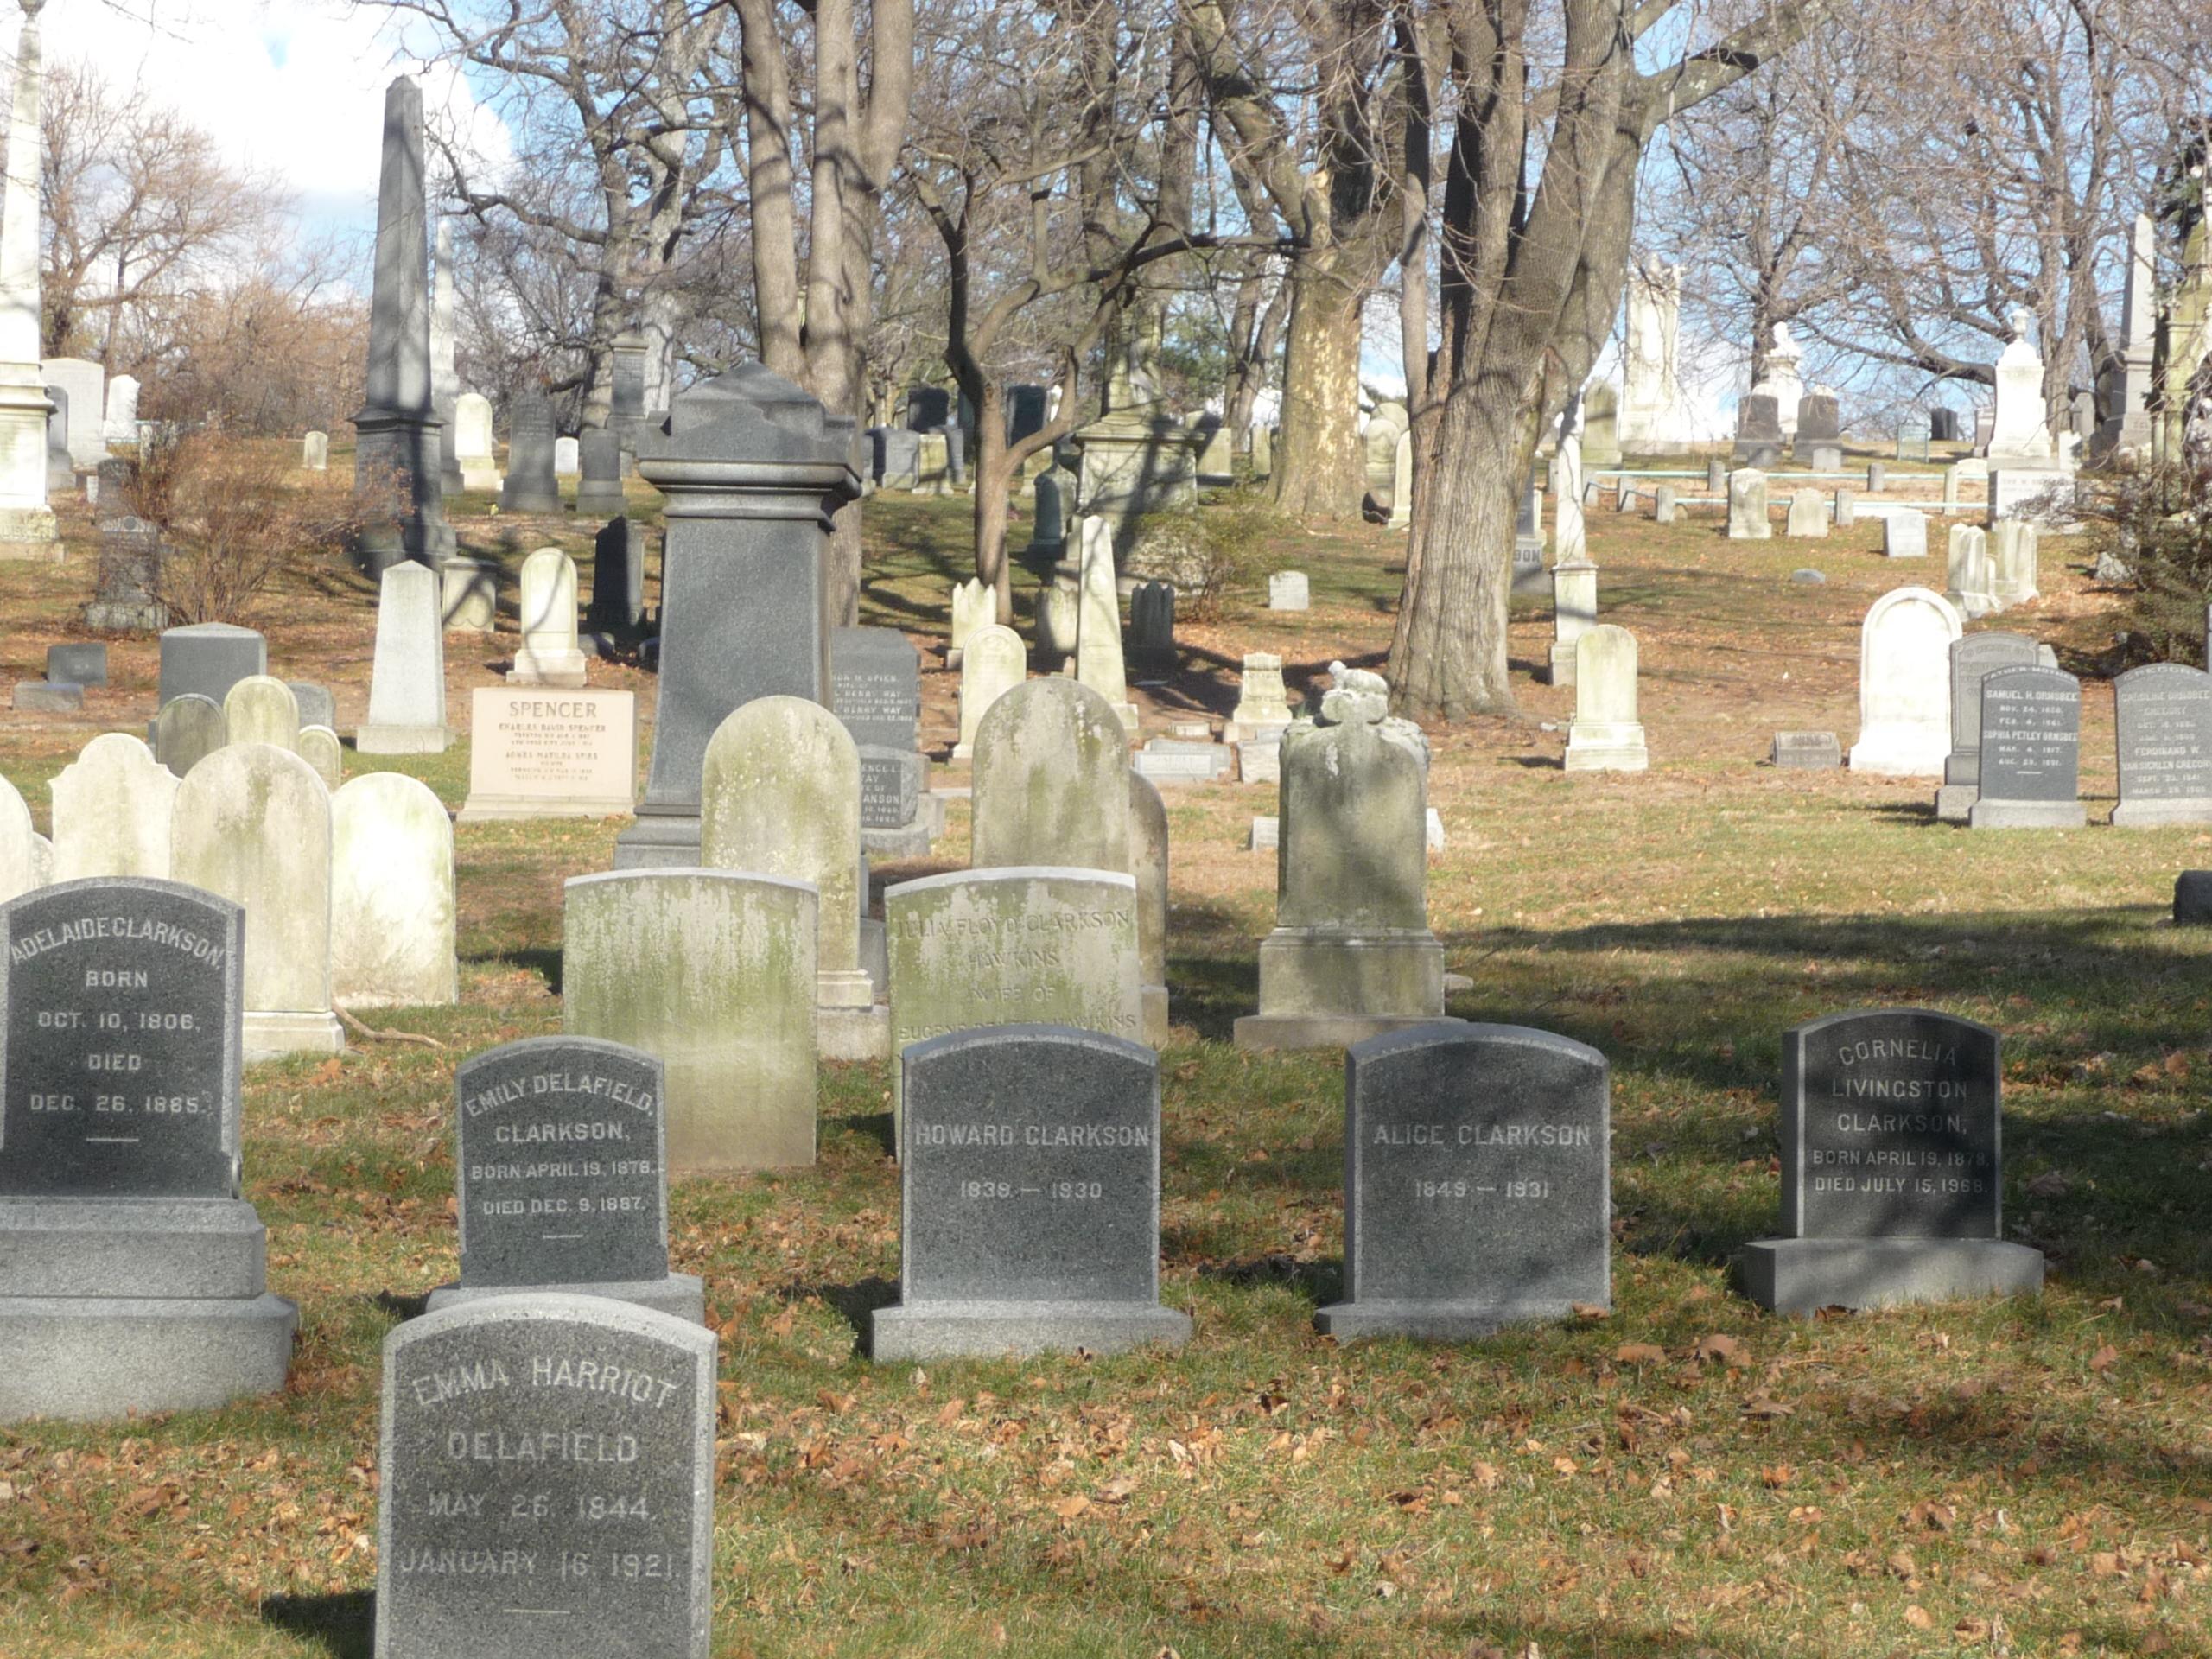 Gravestones in Green-Wood Cemetery in Brooklyn, New York